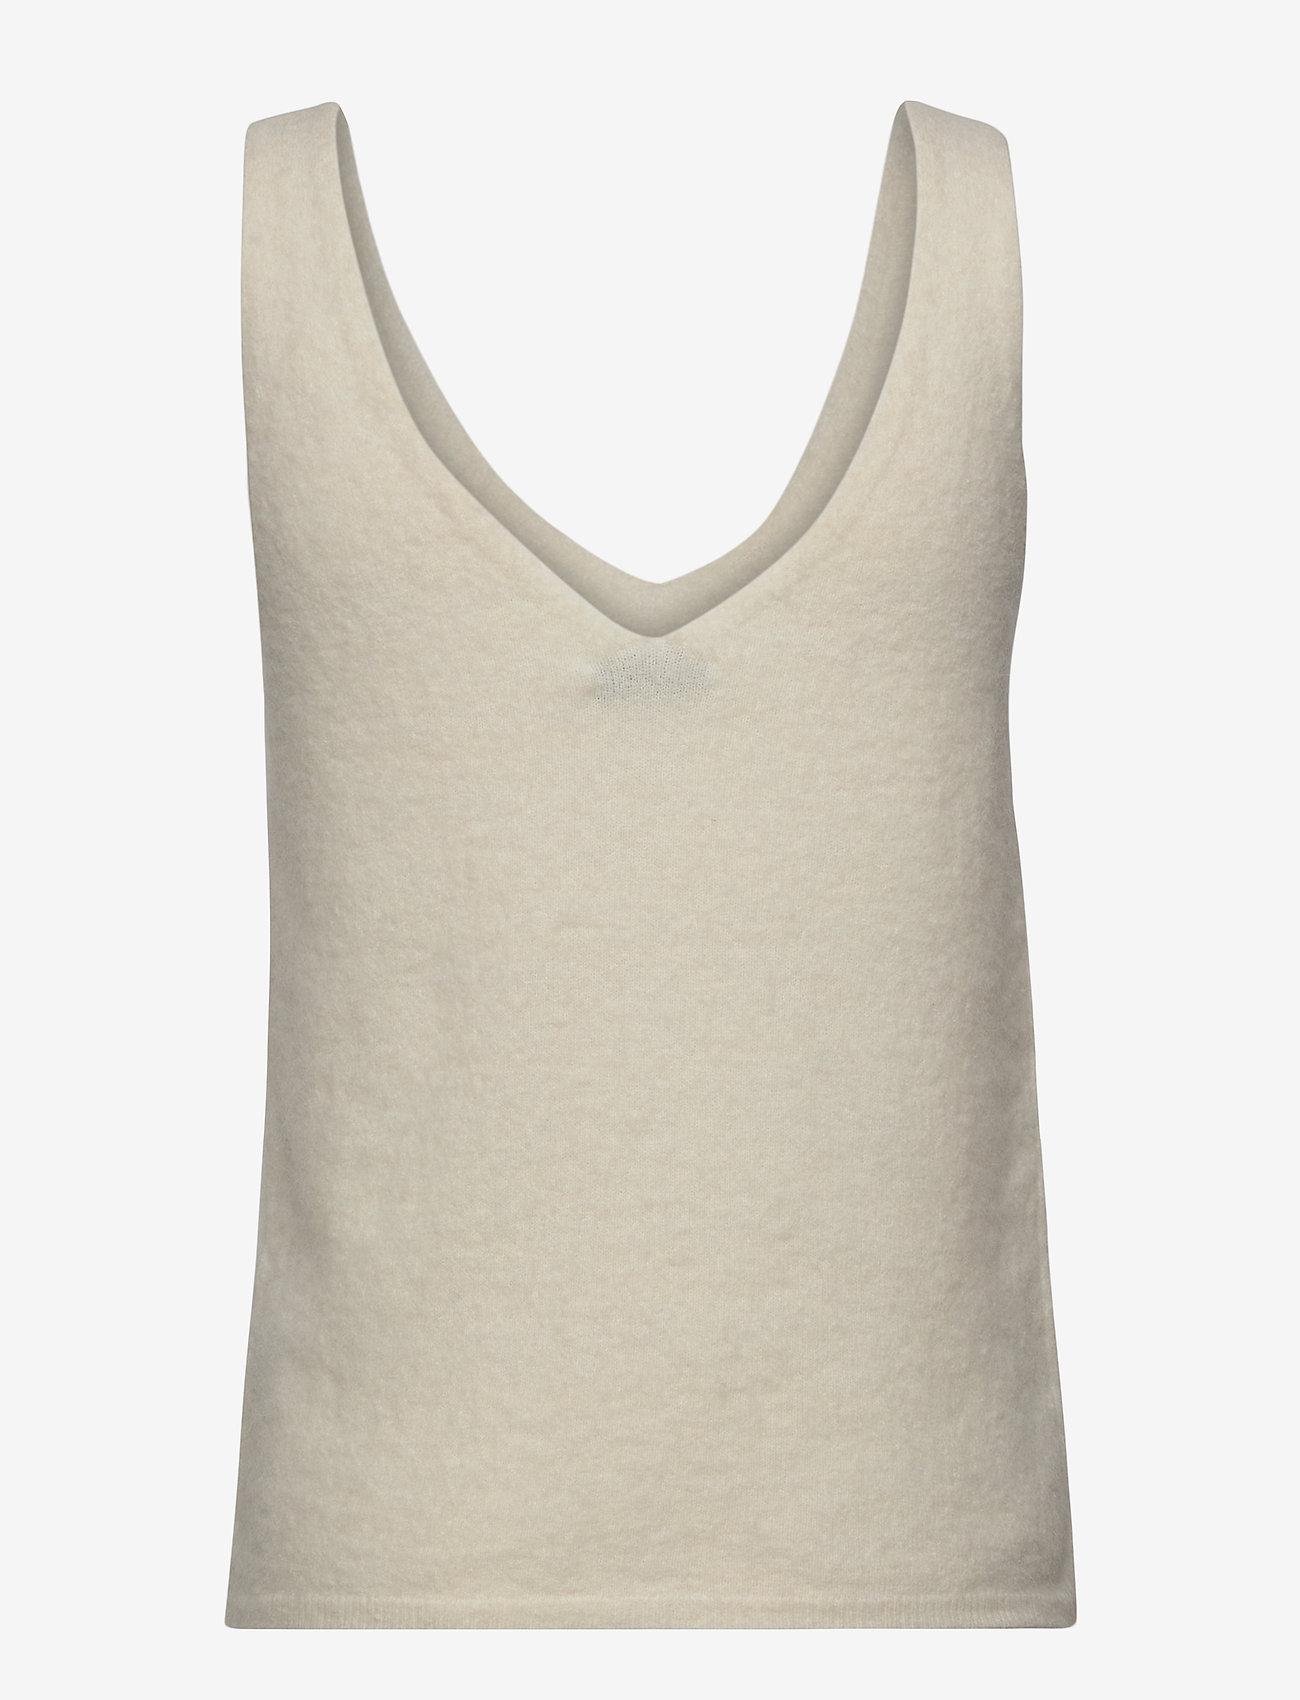 Stylein - ETOILE TOP - tops zonder mouwen - white - 2